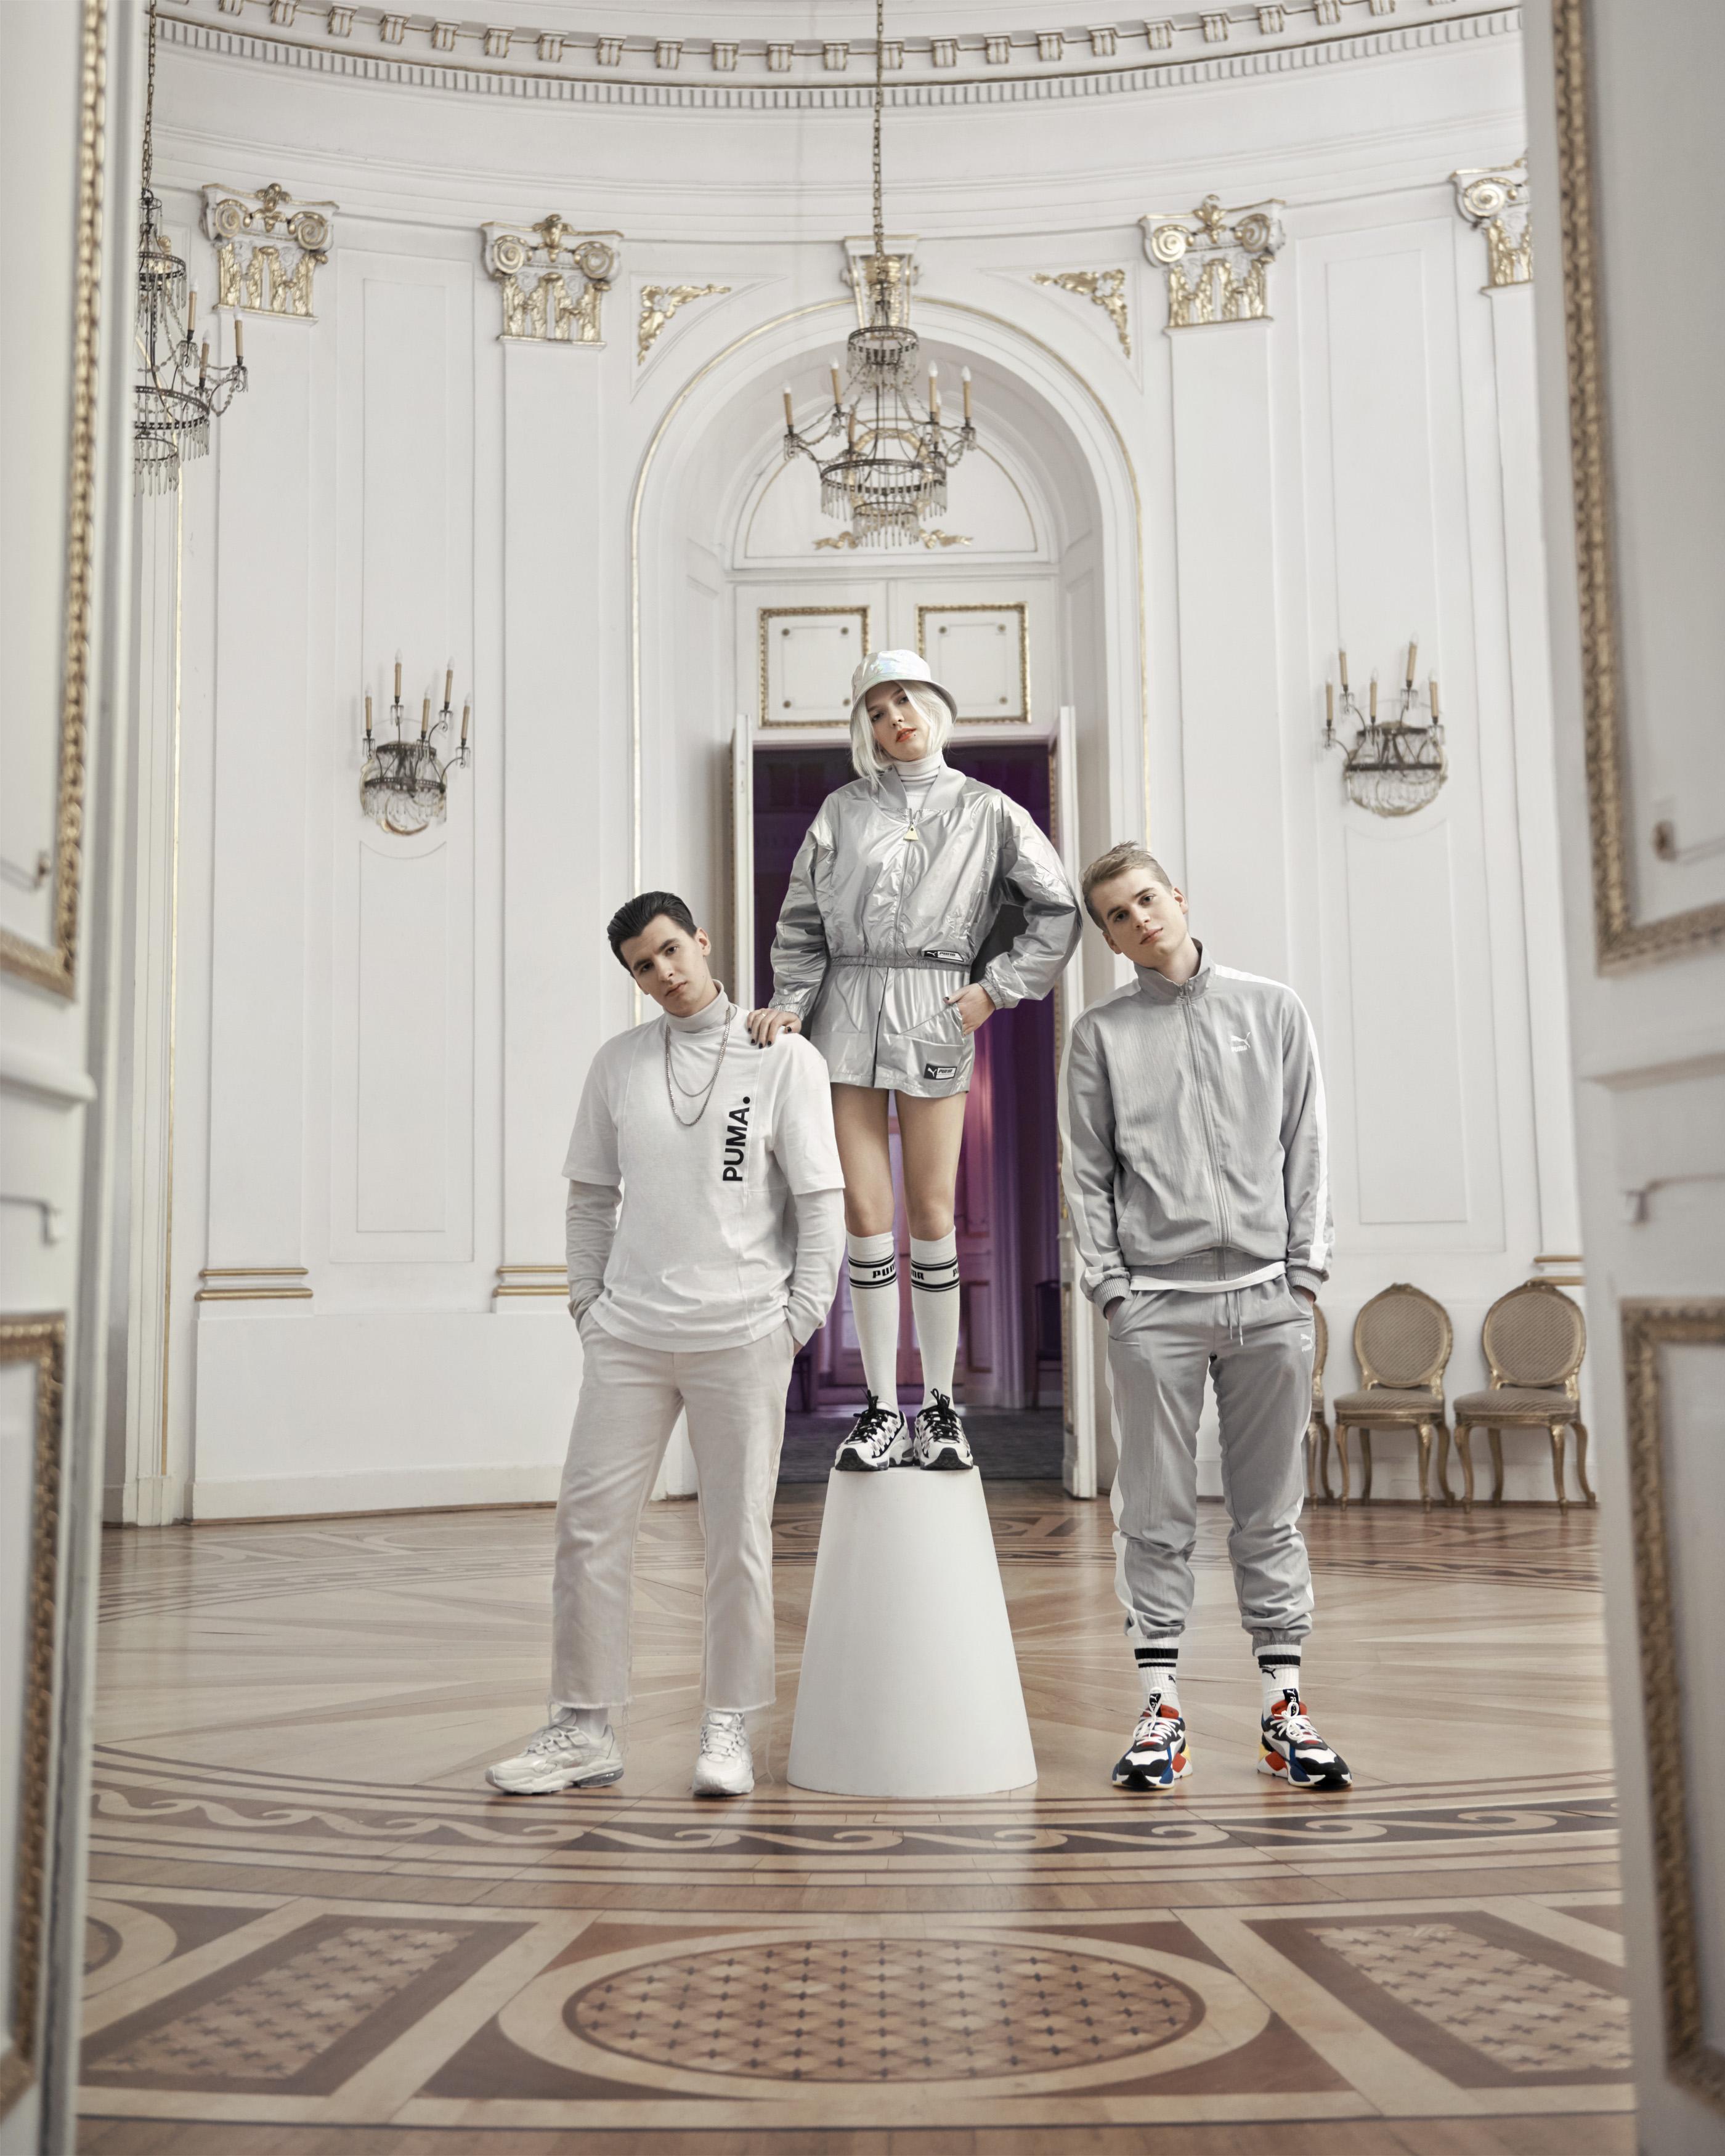 Zaiwałow, Jan-Rapowanie, White 2115 PUMA Talents